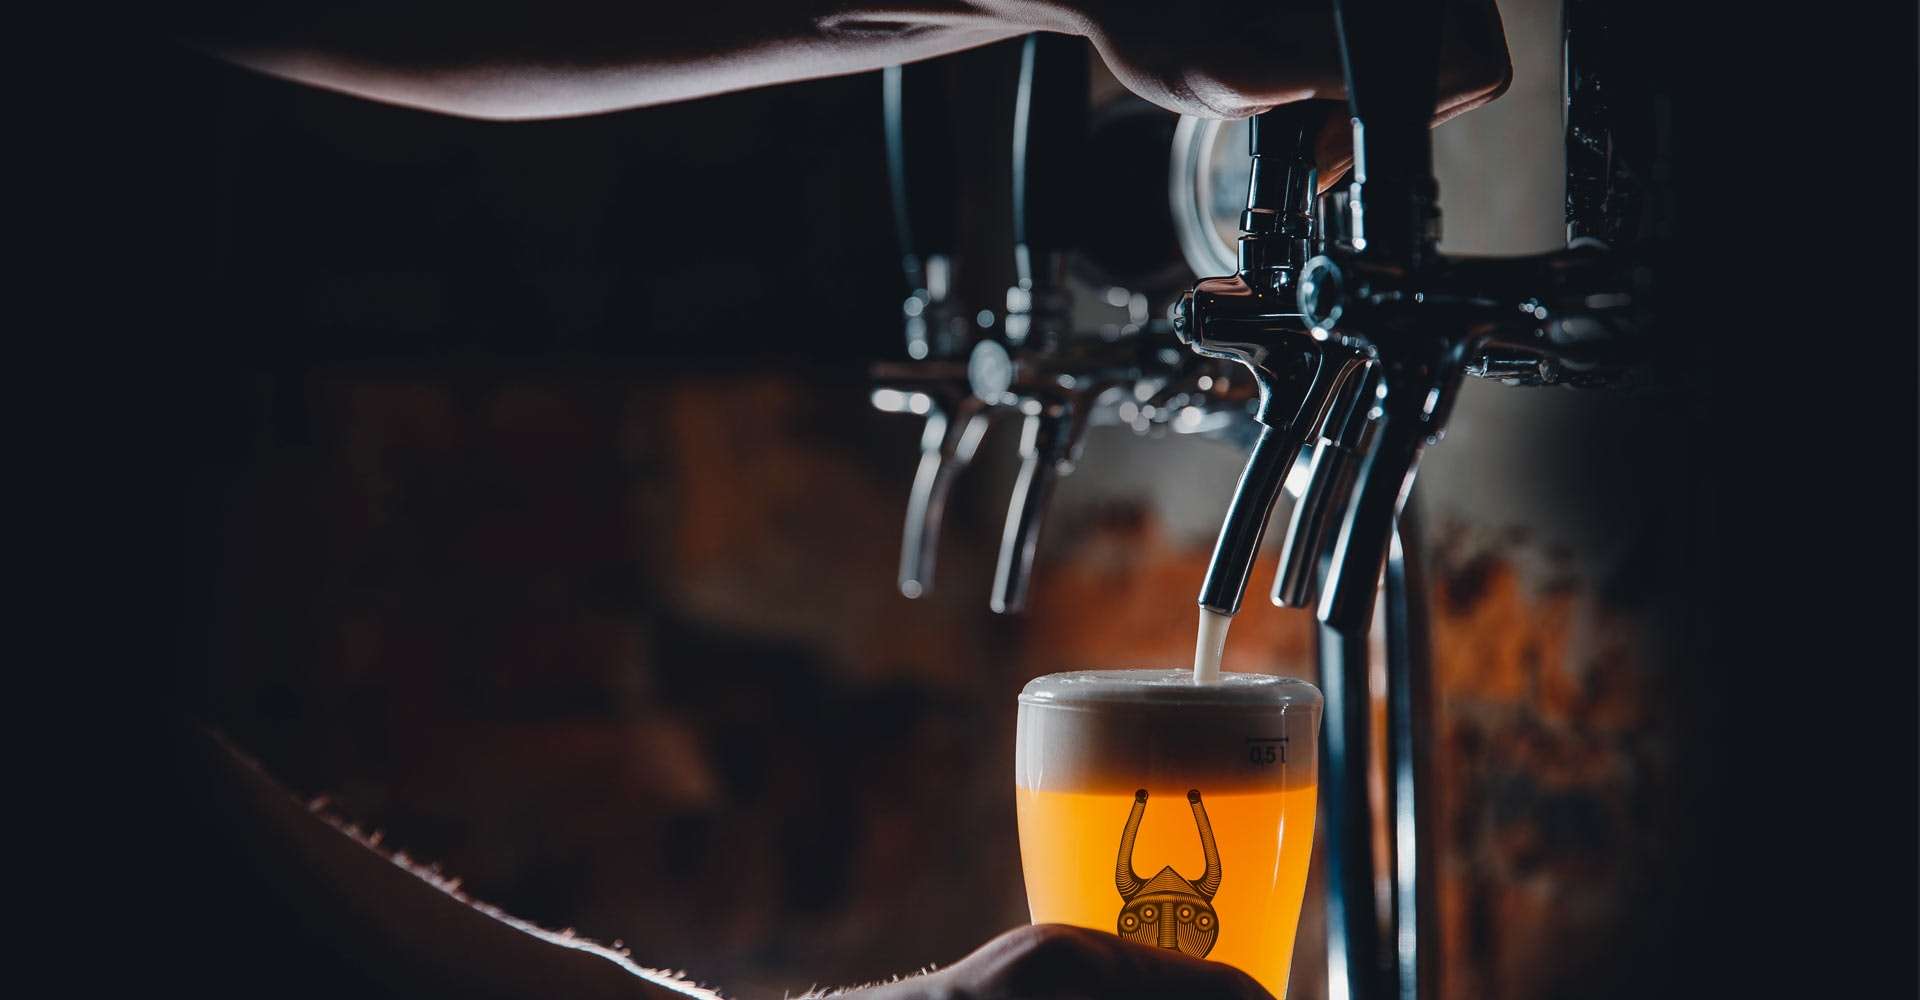 https://www.birrificiomarduk.com/wp-content/uploads/2020/06/07-Marduk-brewery-birre-birrificio-materie-prime-lupolo-malto-orzo.jpg